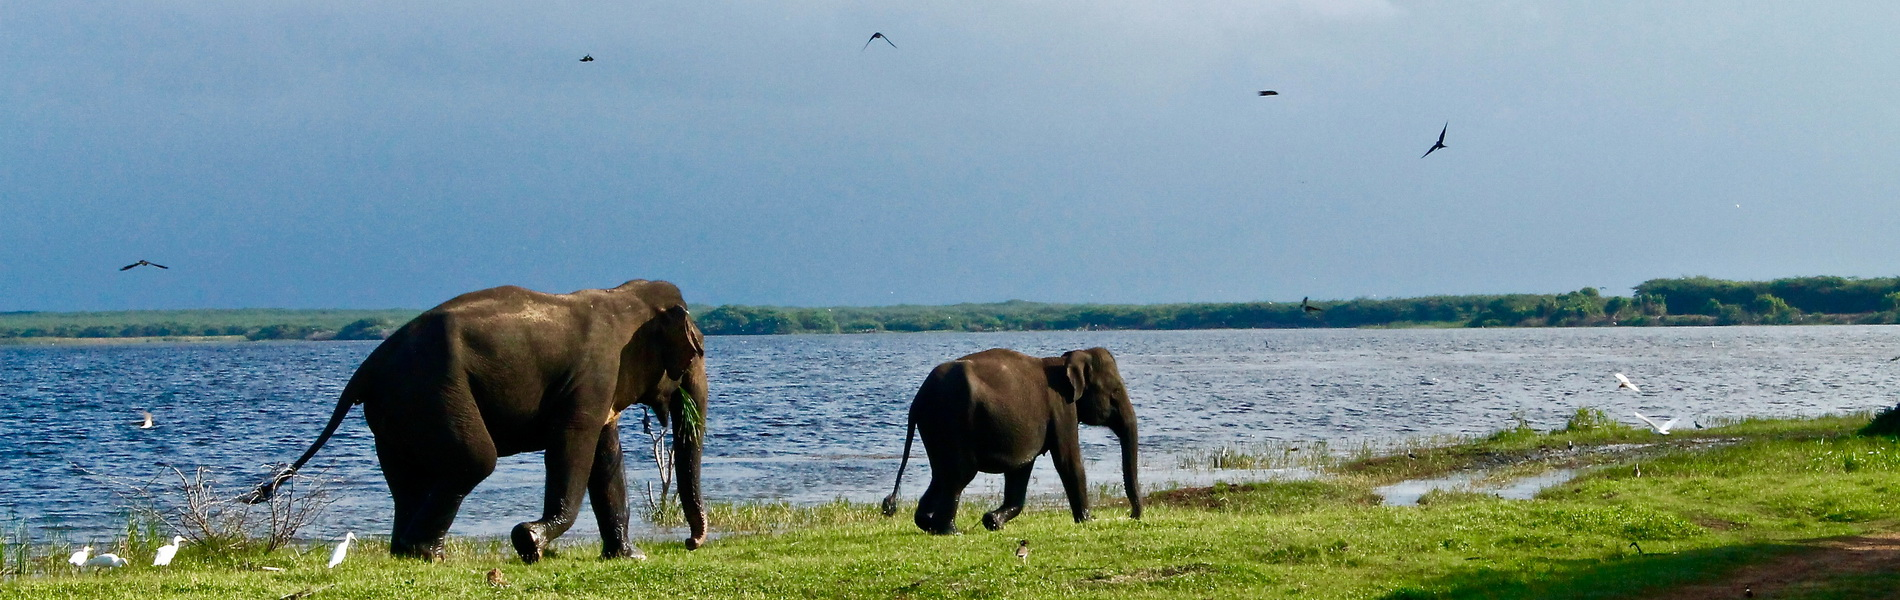 Elefanten vor einem See, Photo by Roxanne Desgagnés on Unsplash Nachhaltigkeit